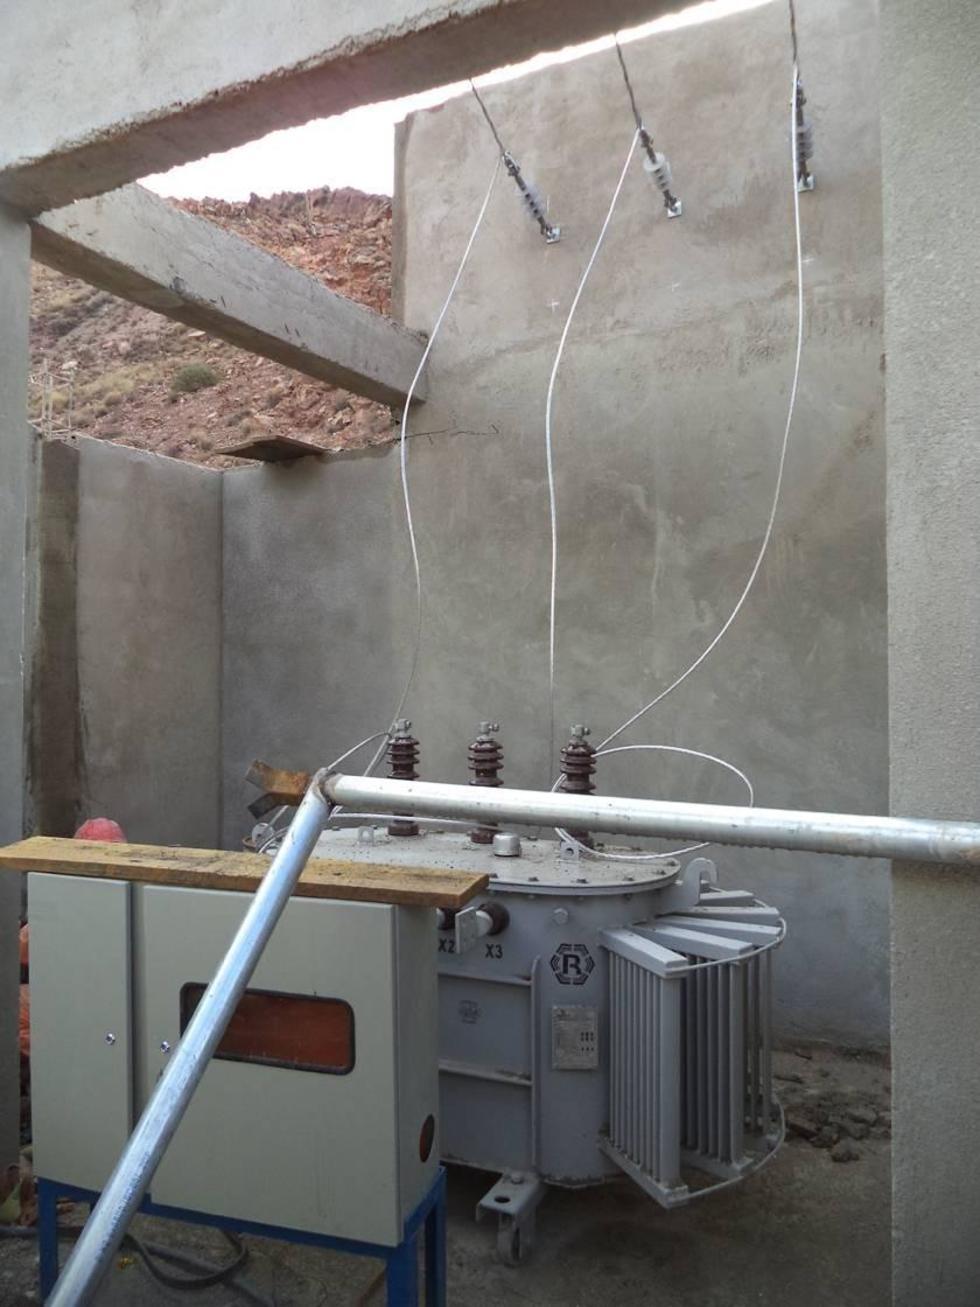 Los paneles para el medidor de energía no están colocados en su debido lugar.